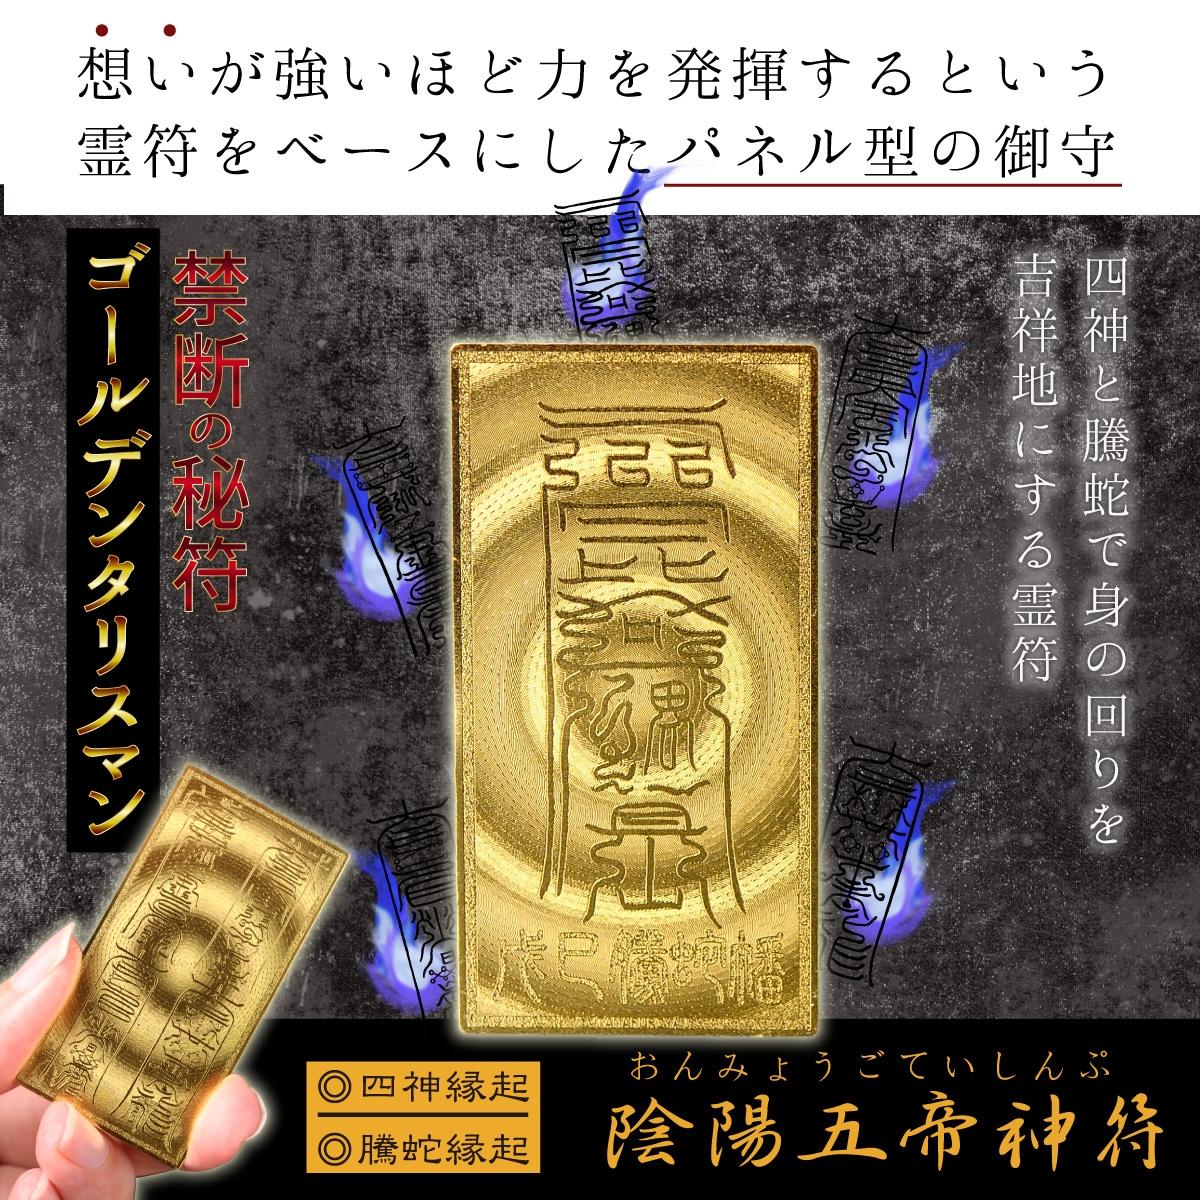 【霊符・御守】 ゴールデンタリスマン 陰陽五帝神符 ≫厄除け安定 開運グッズ